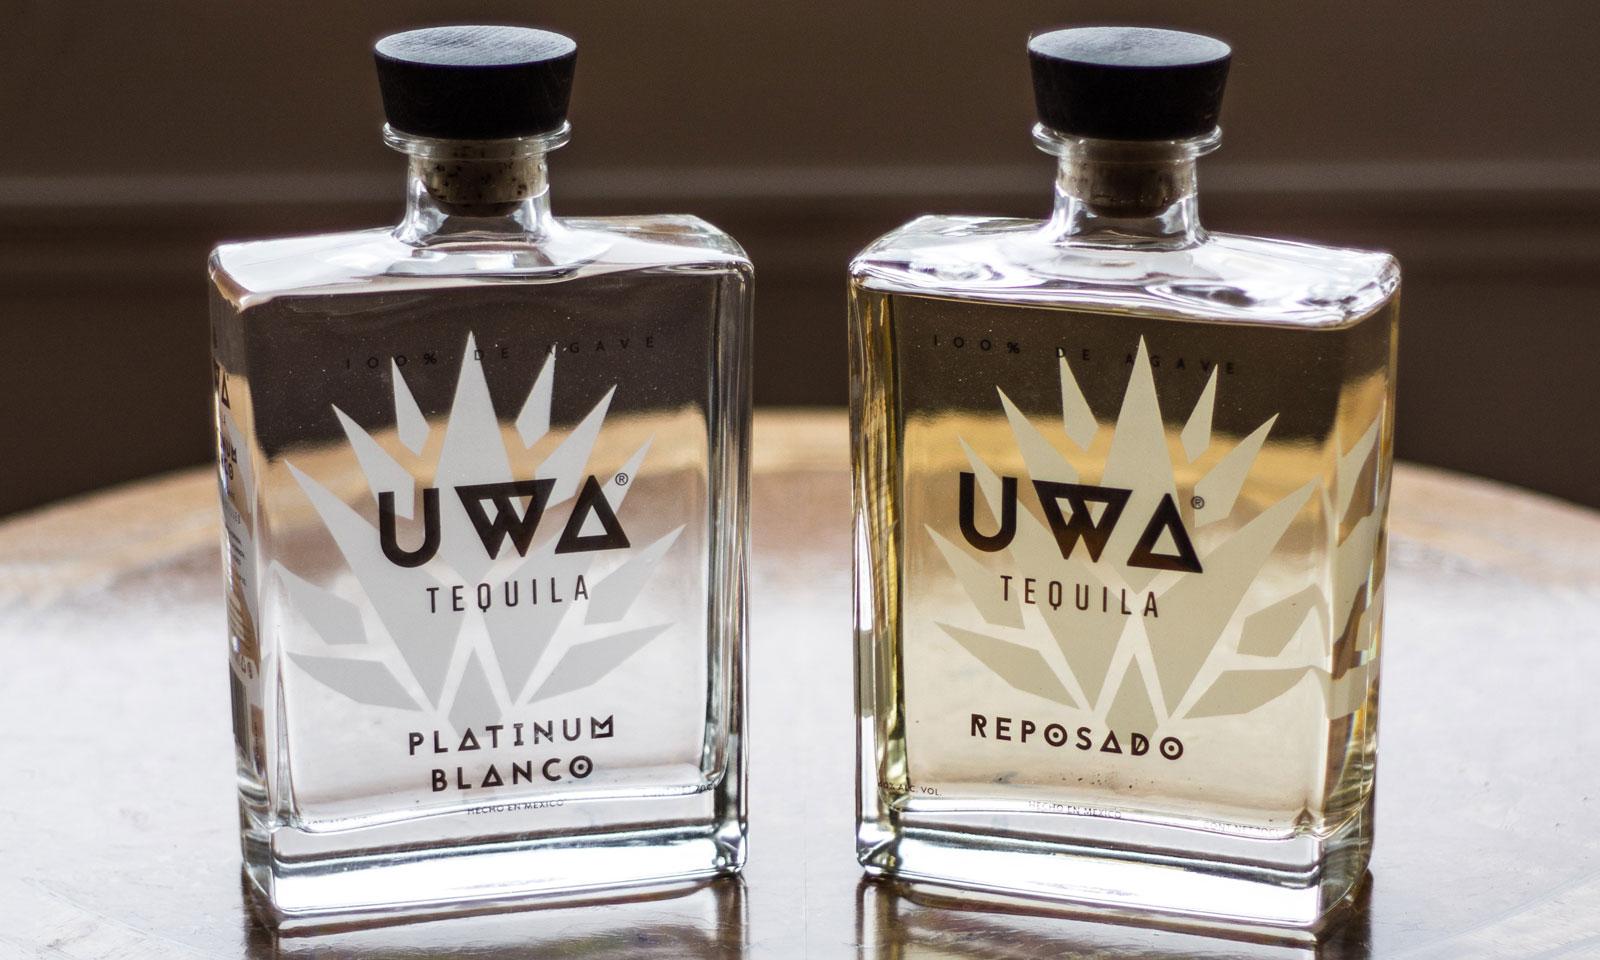 UWA Tequila